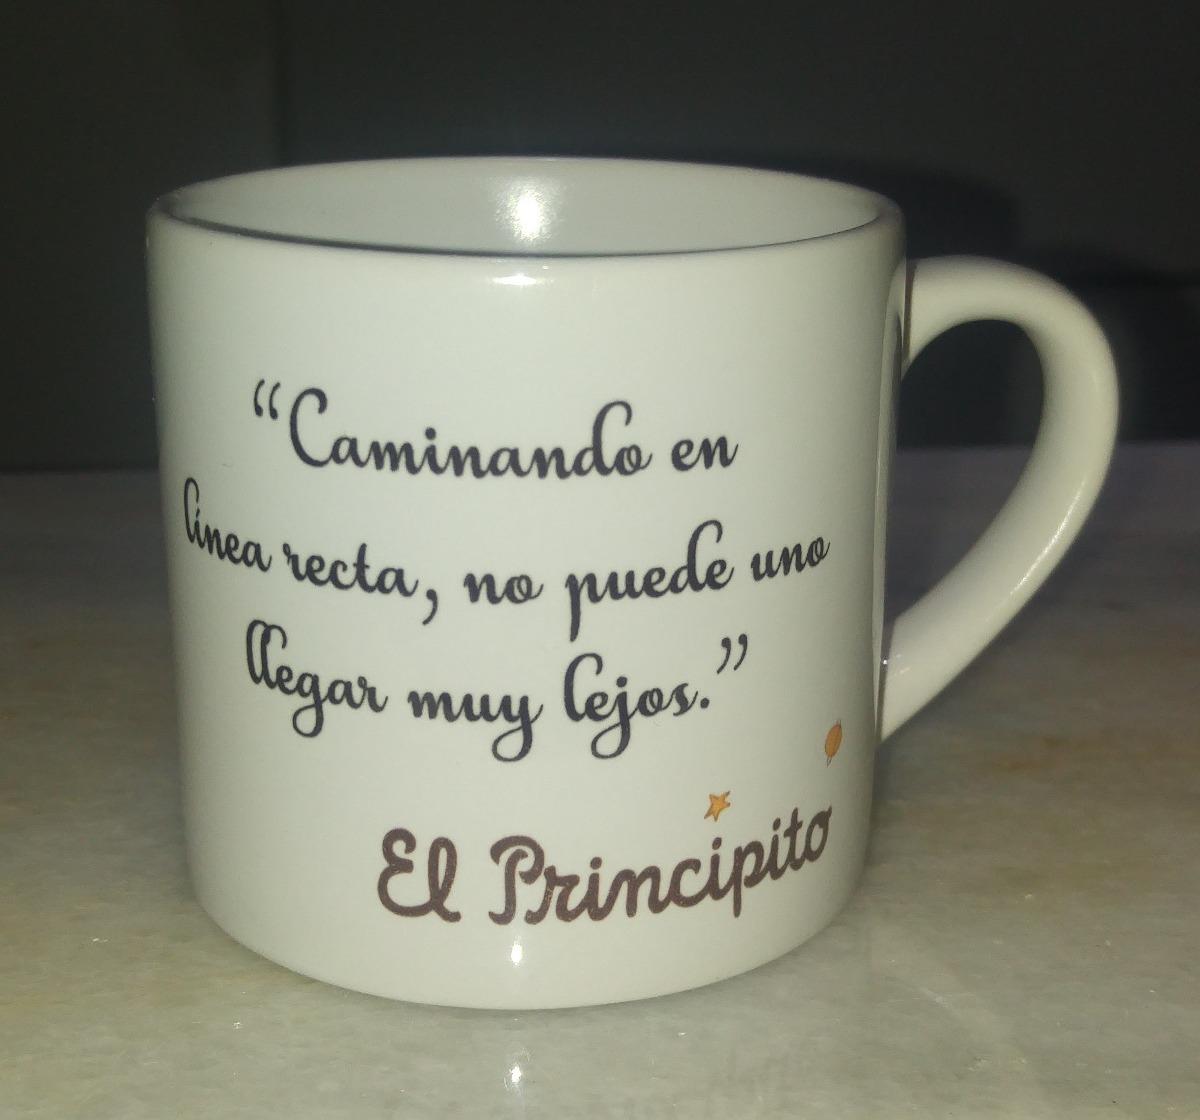 El Principito 6 Tazas Cafe Ceramica Frases Imagen Calidad